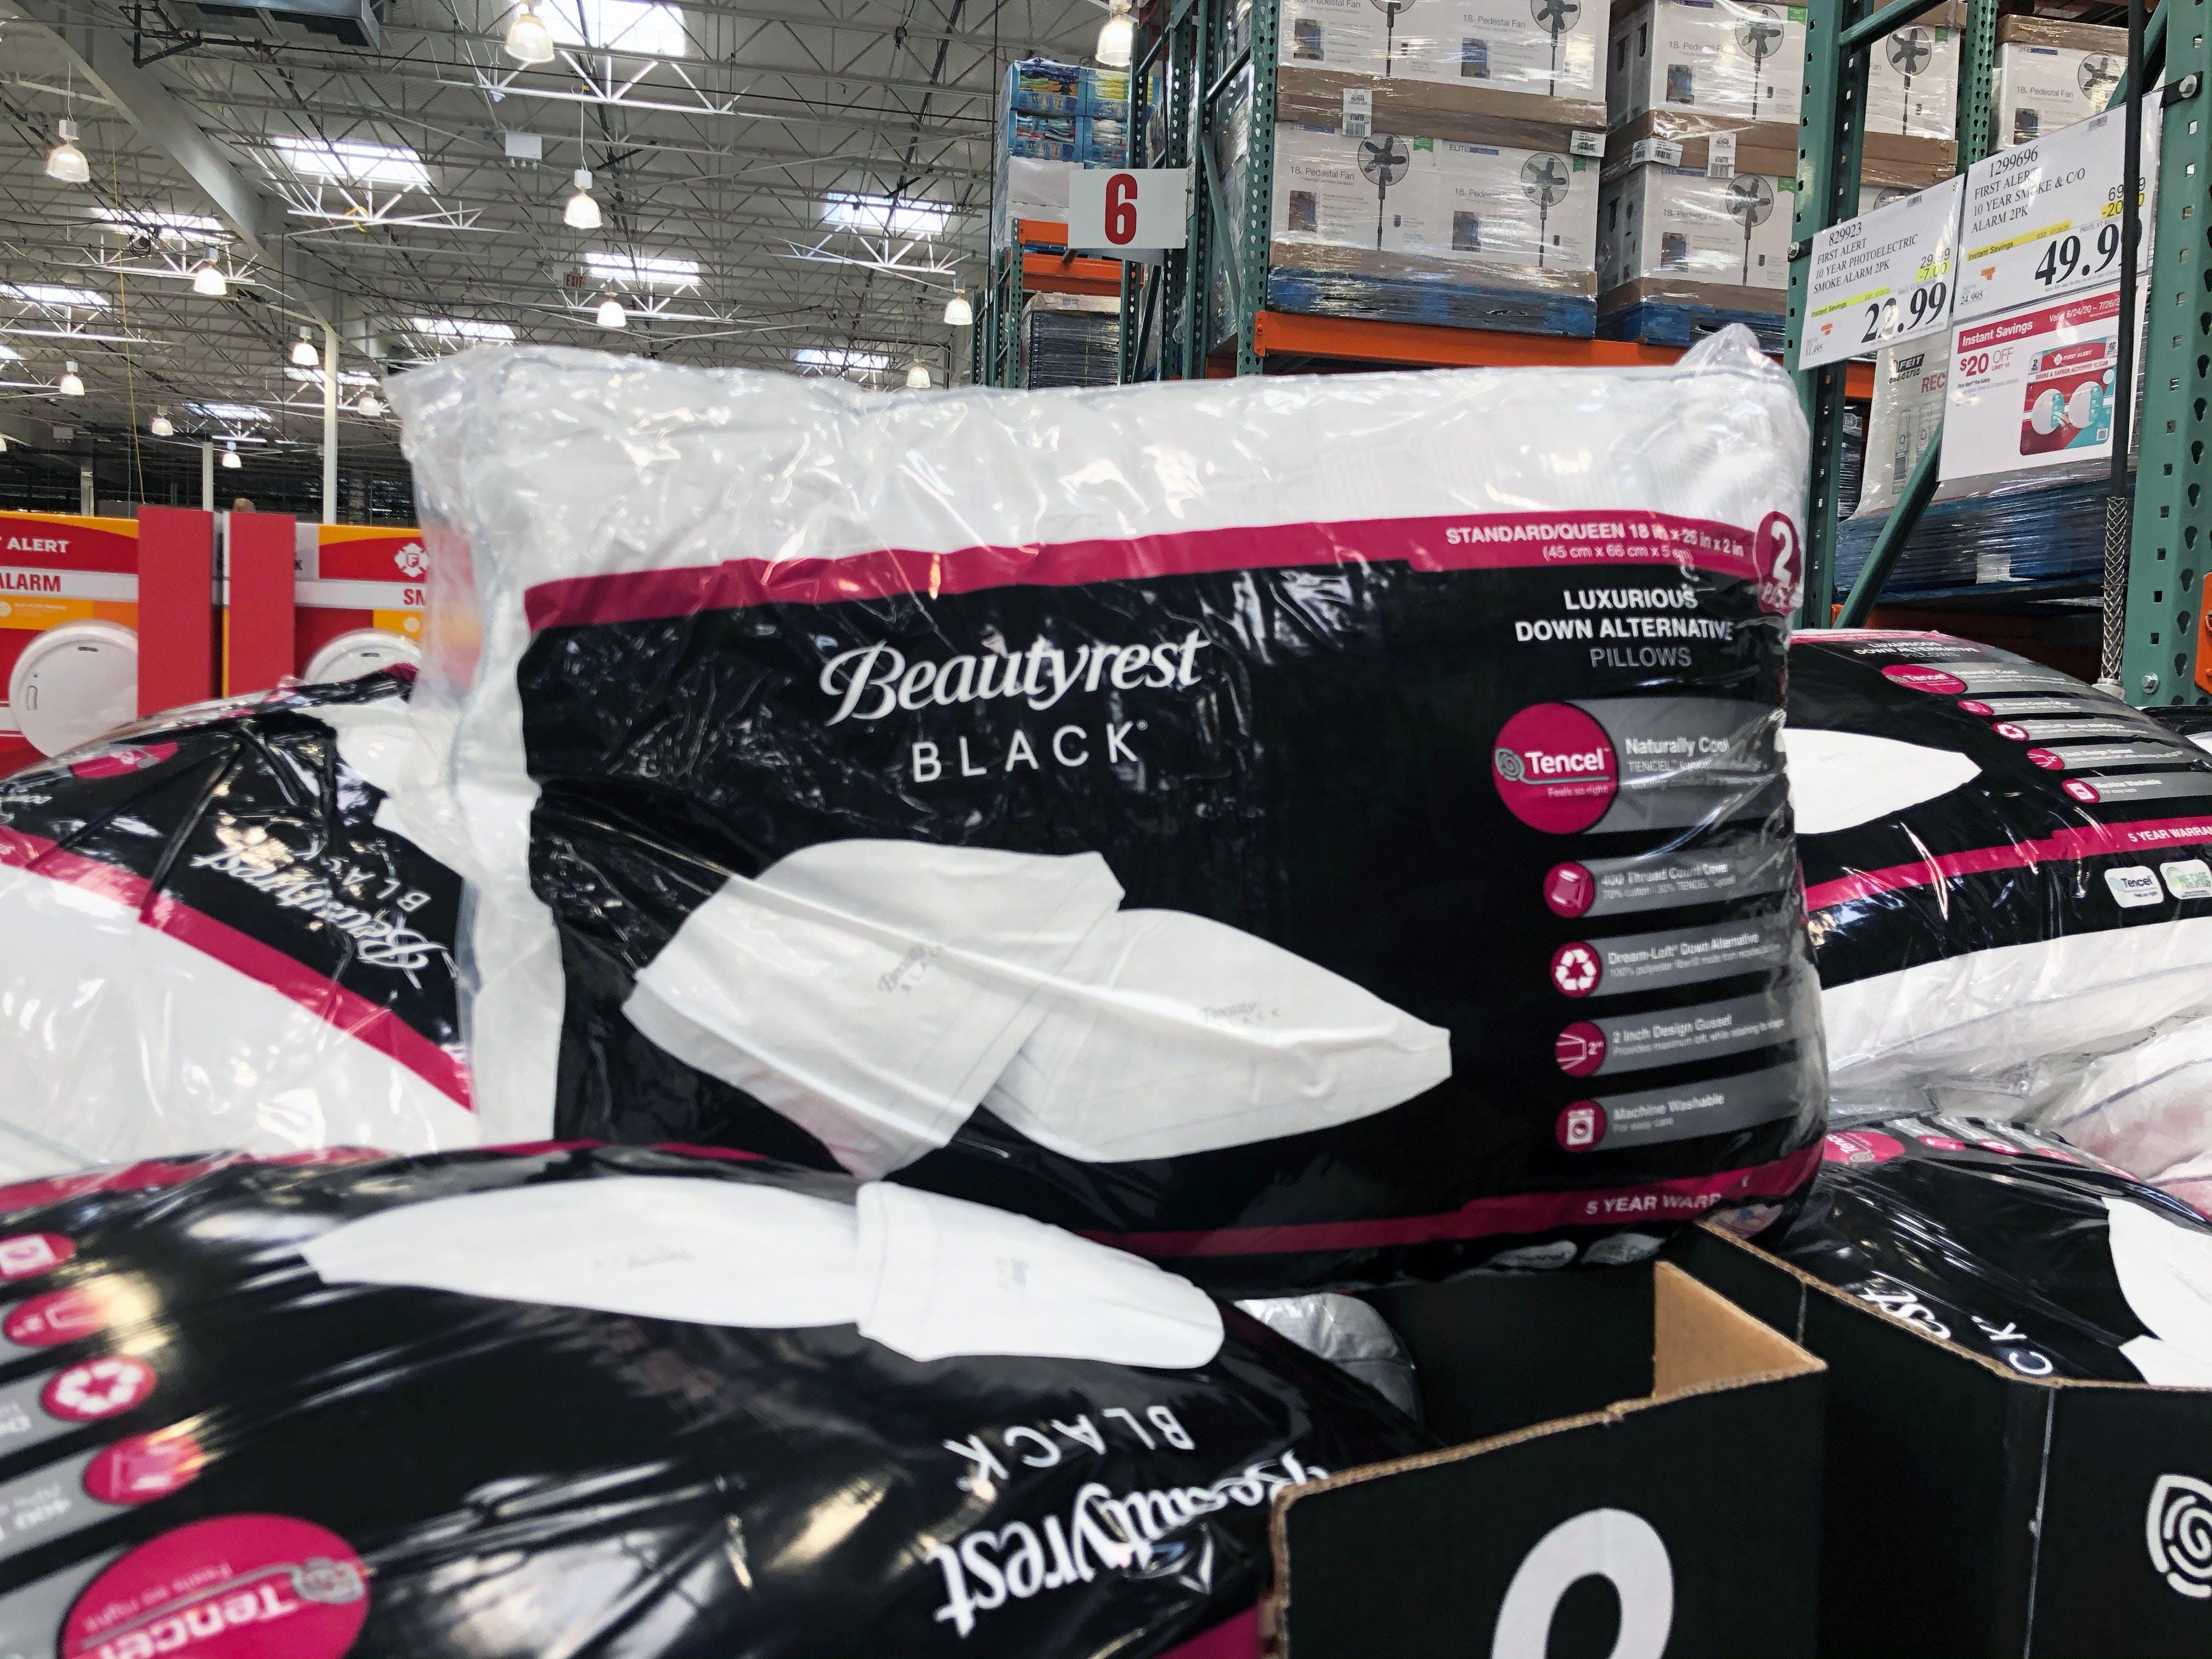 beautyrest black down alt pillow 2